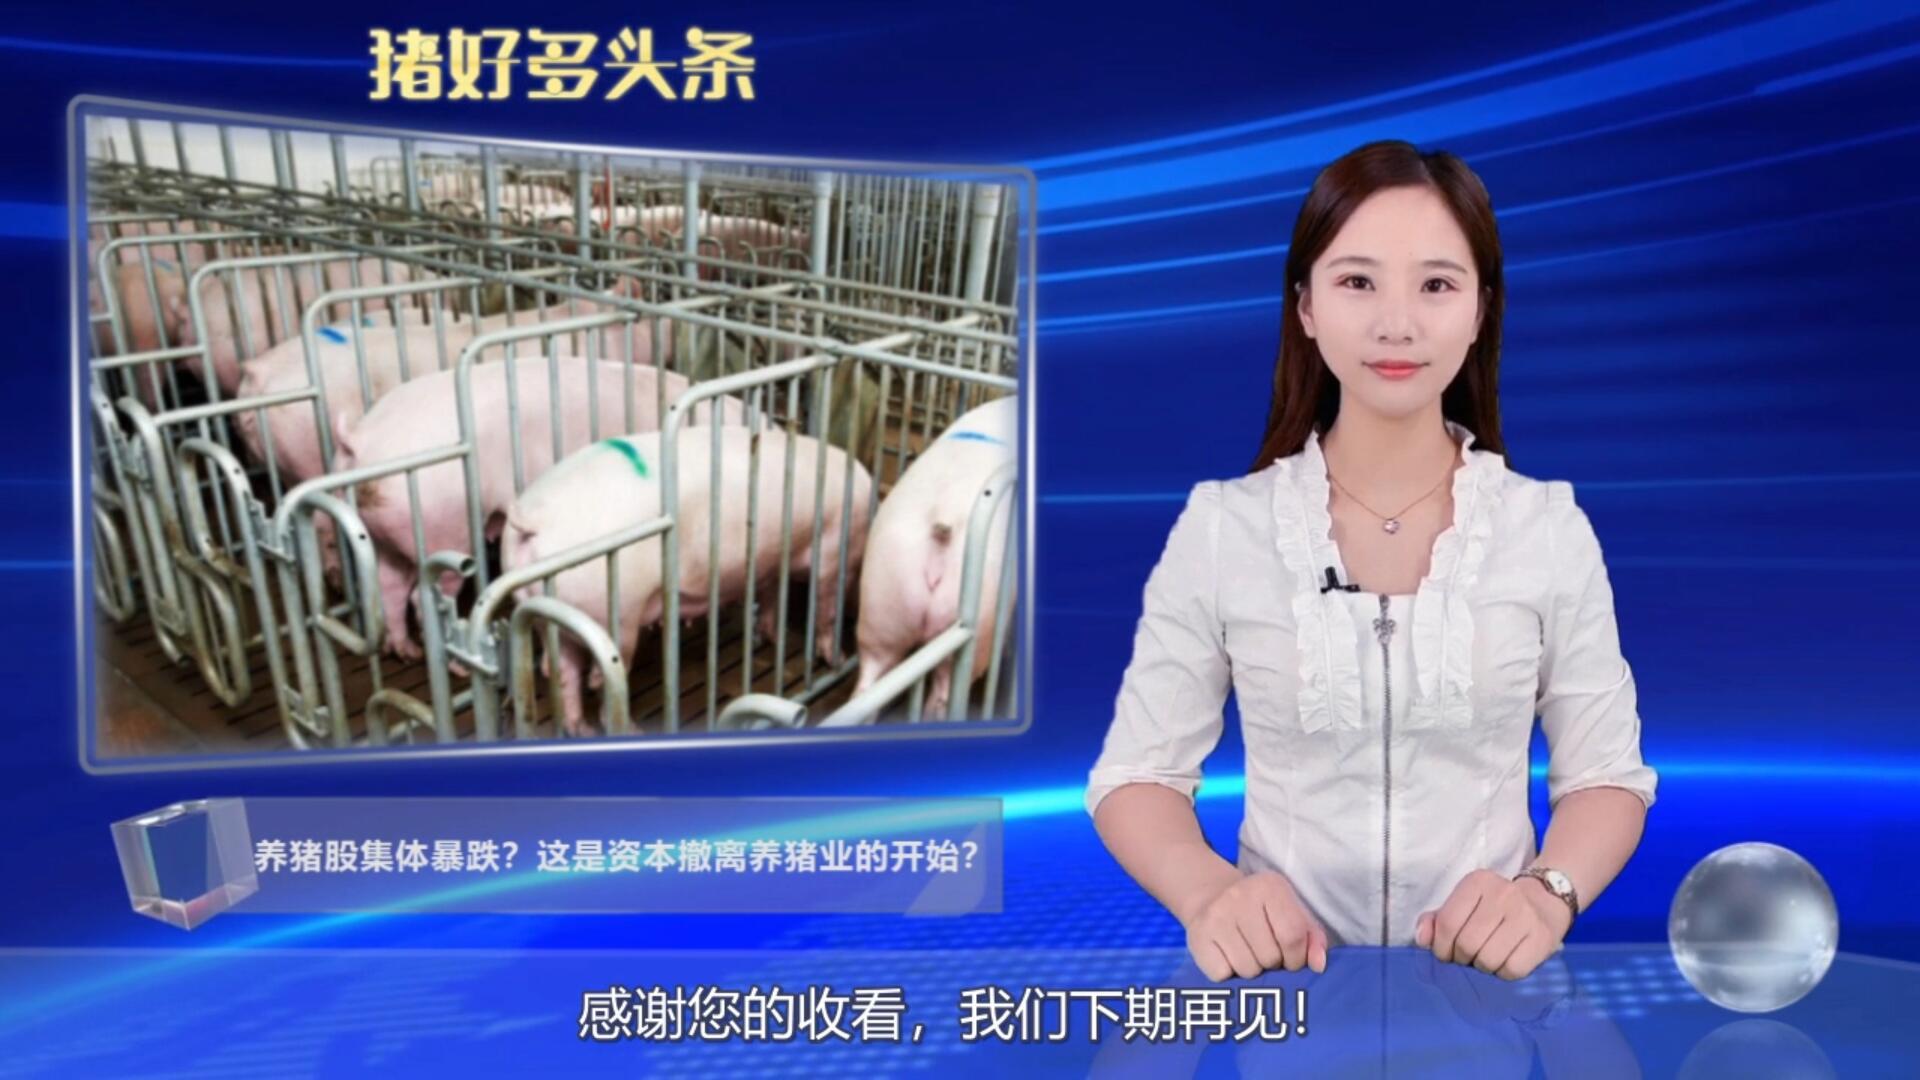 猪肉股重挫,未来生猪行业出现产能过剩,2022年肉价低于10元?